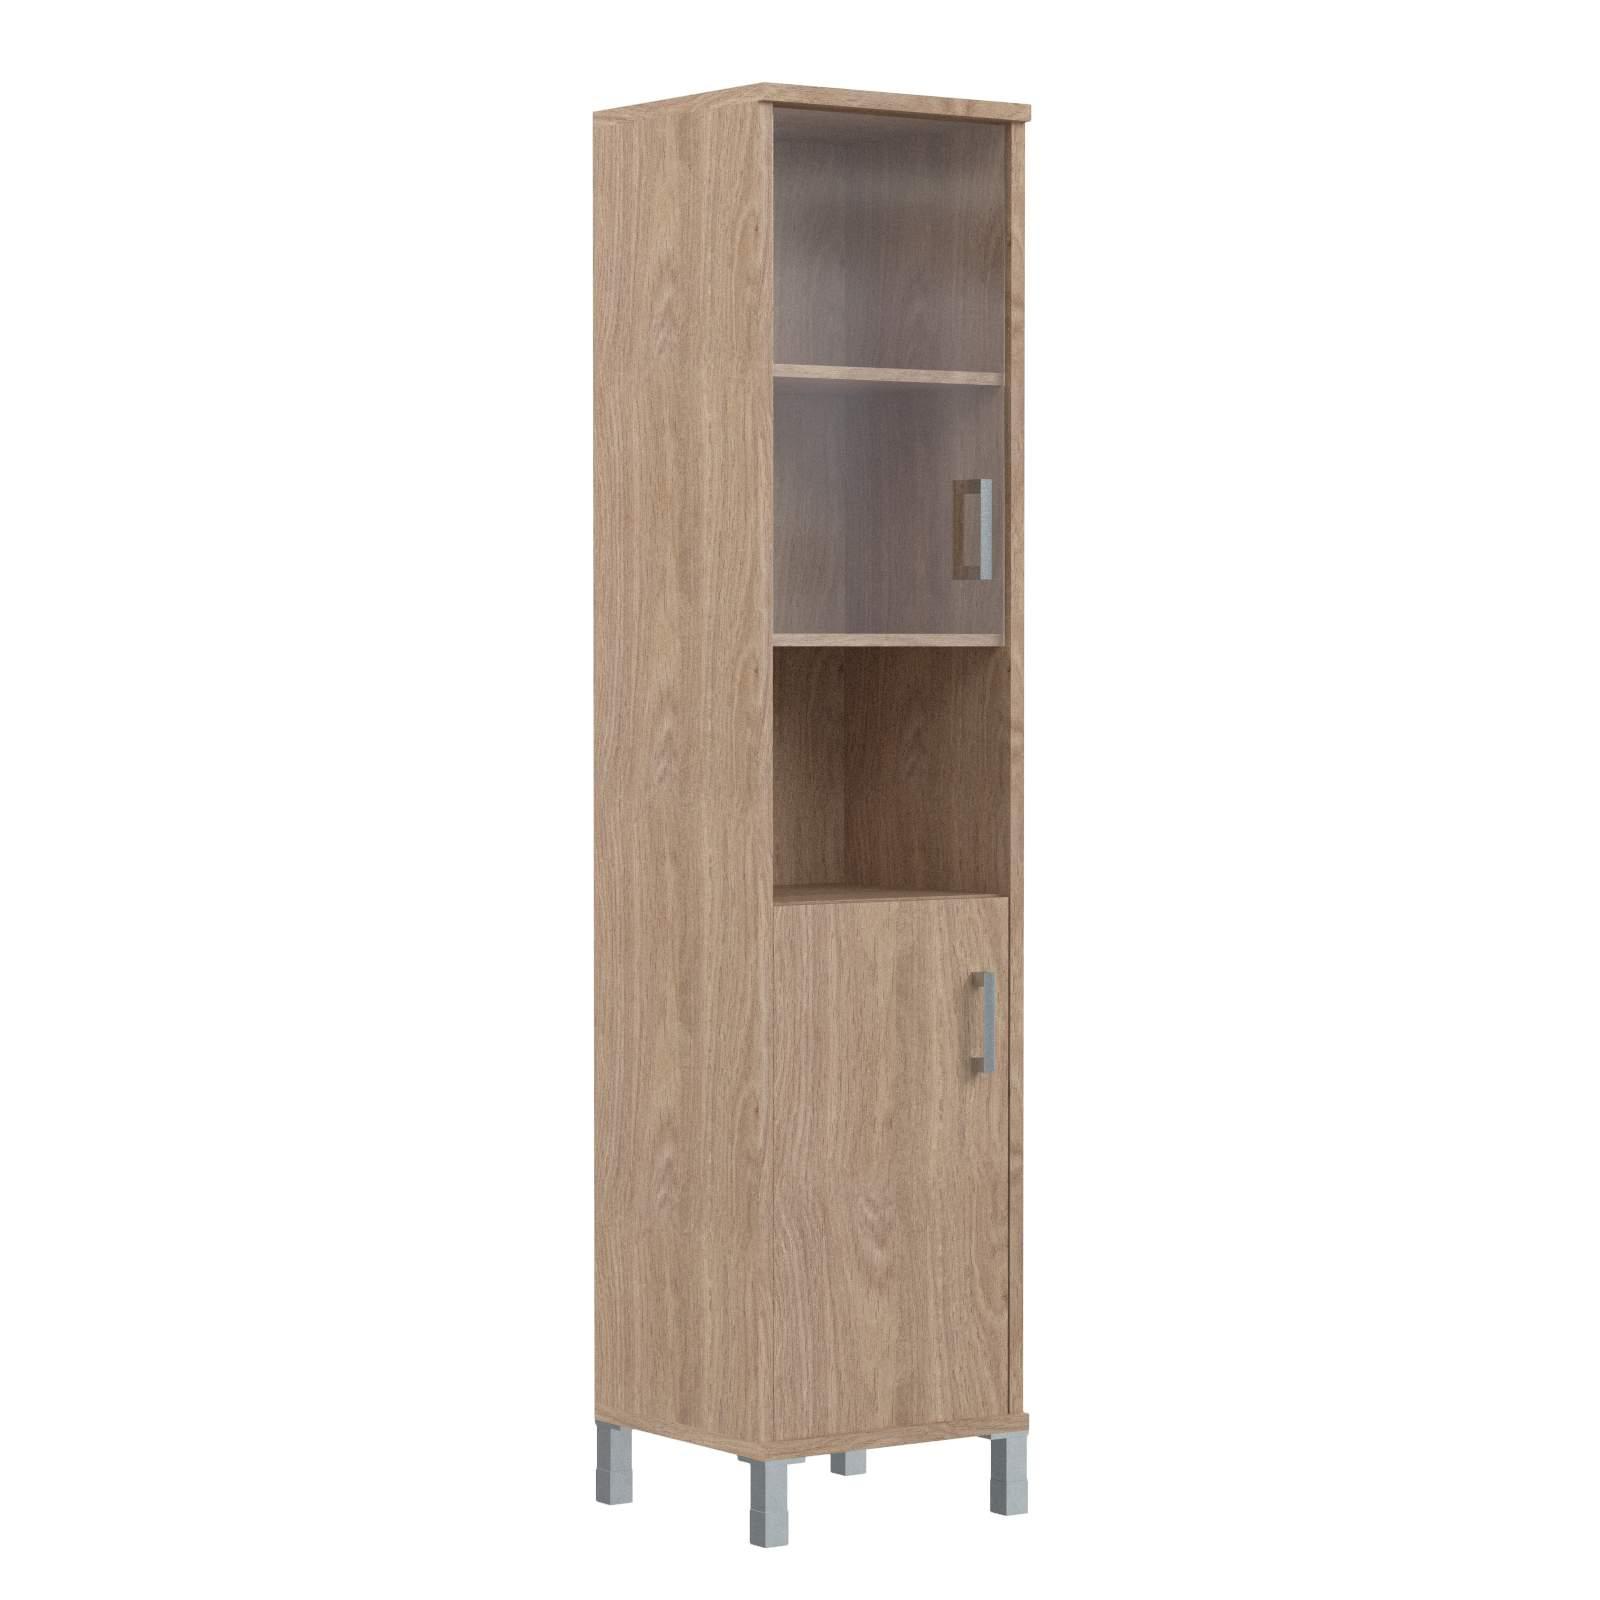 Шкаф колонка высокая с малой стеклянной дверью и глухой левая 475х435х2004